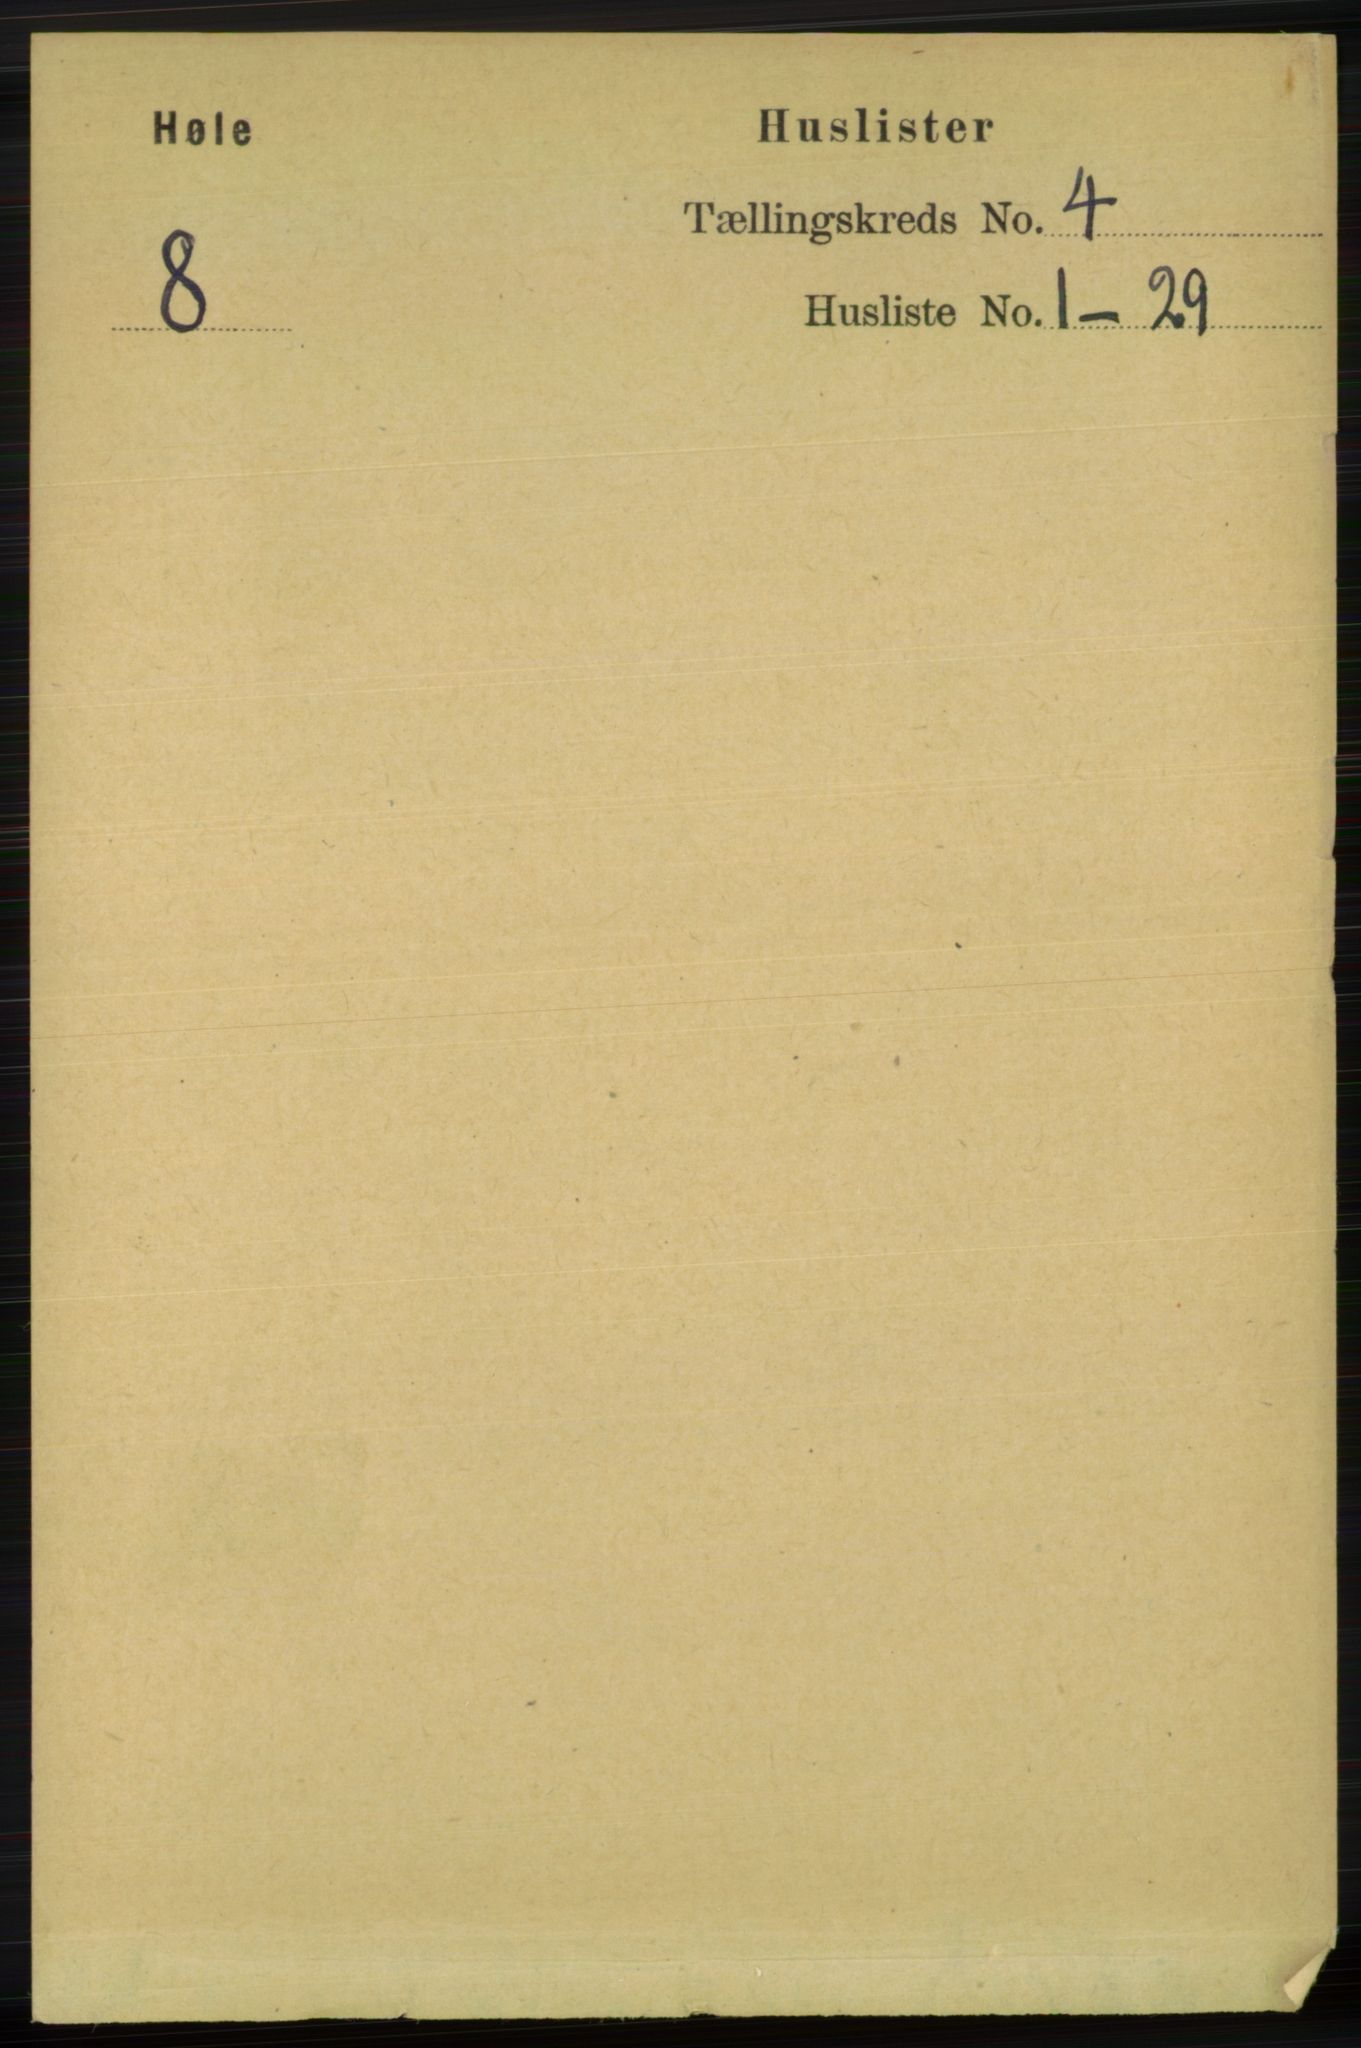 RA, Folketelling 1891 for 1128 Høle herred, 1891, s. 815